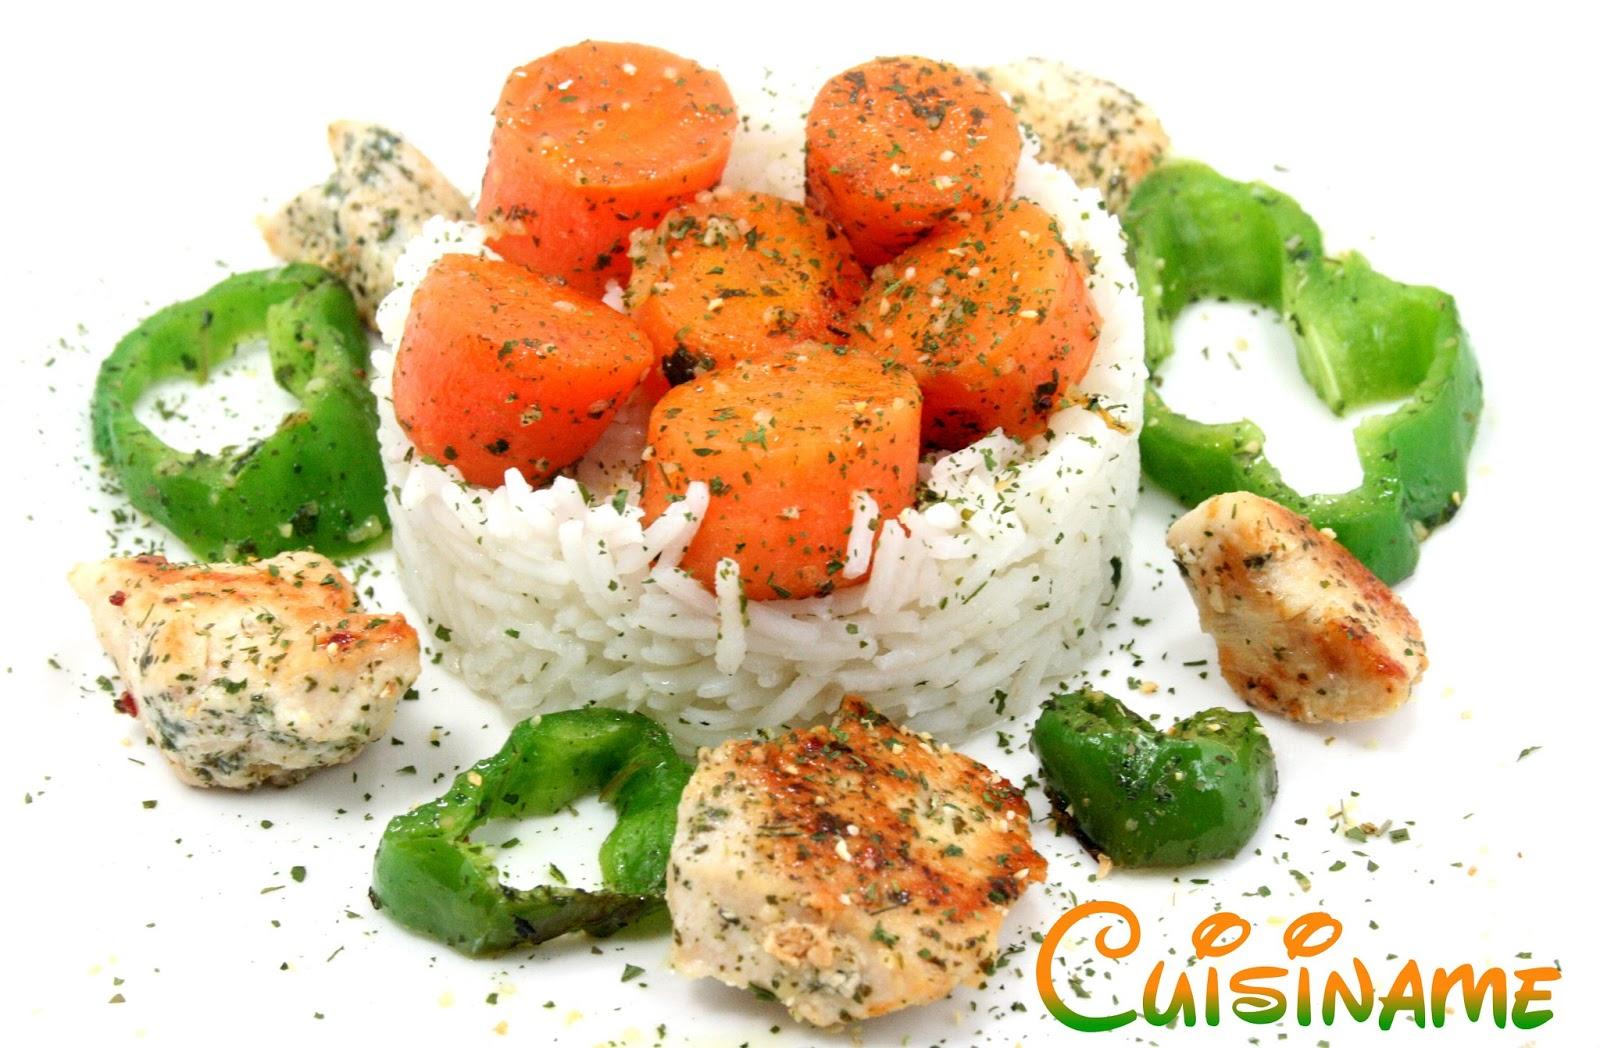 Cocina Con Pollo Recetas Receta de Arroz Con Pollo